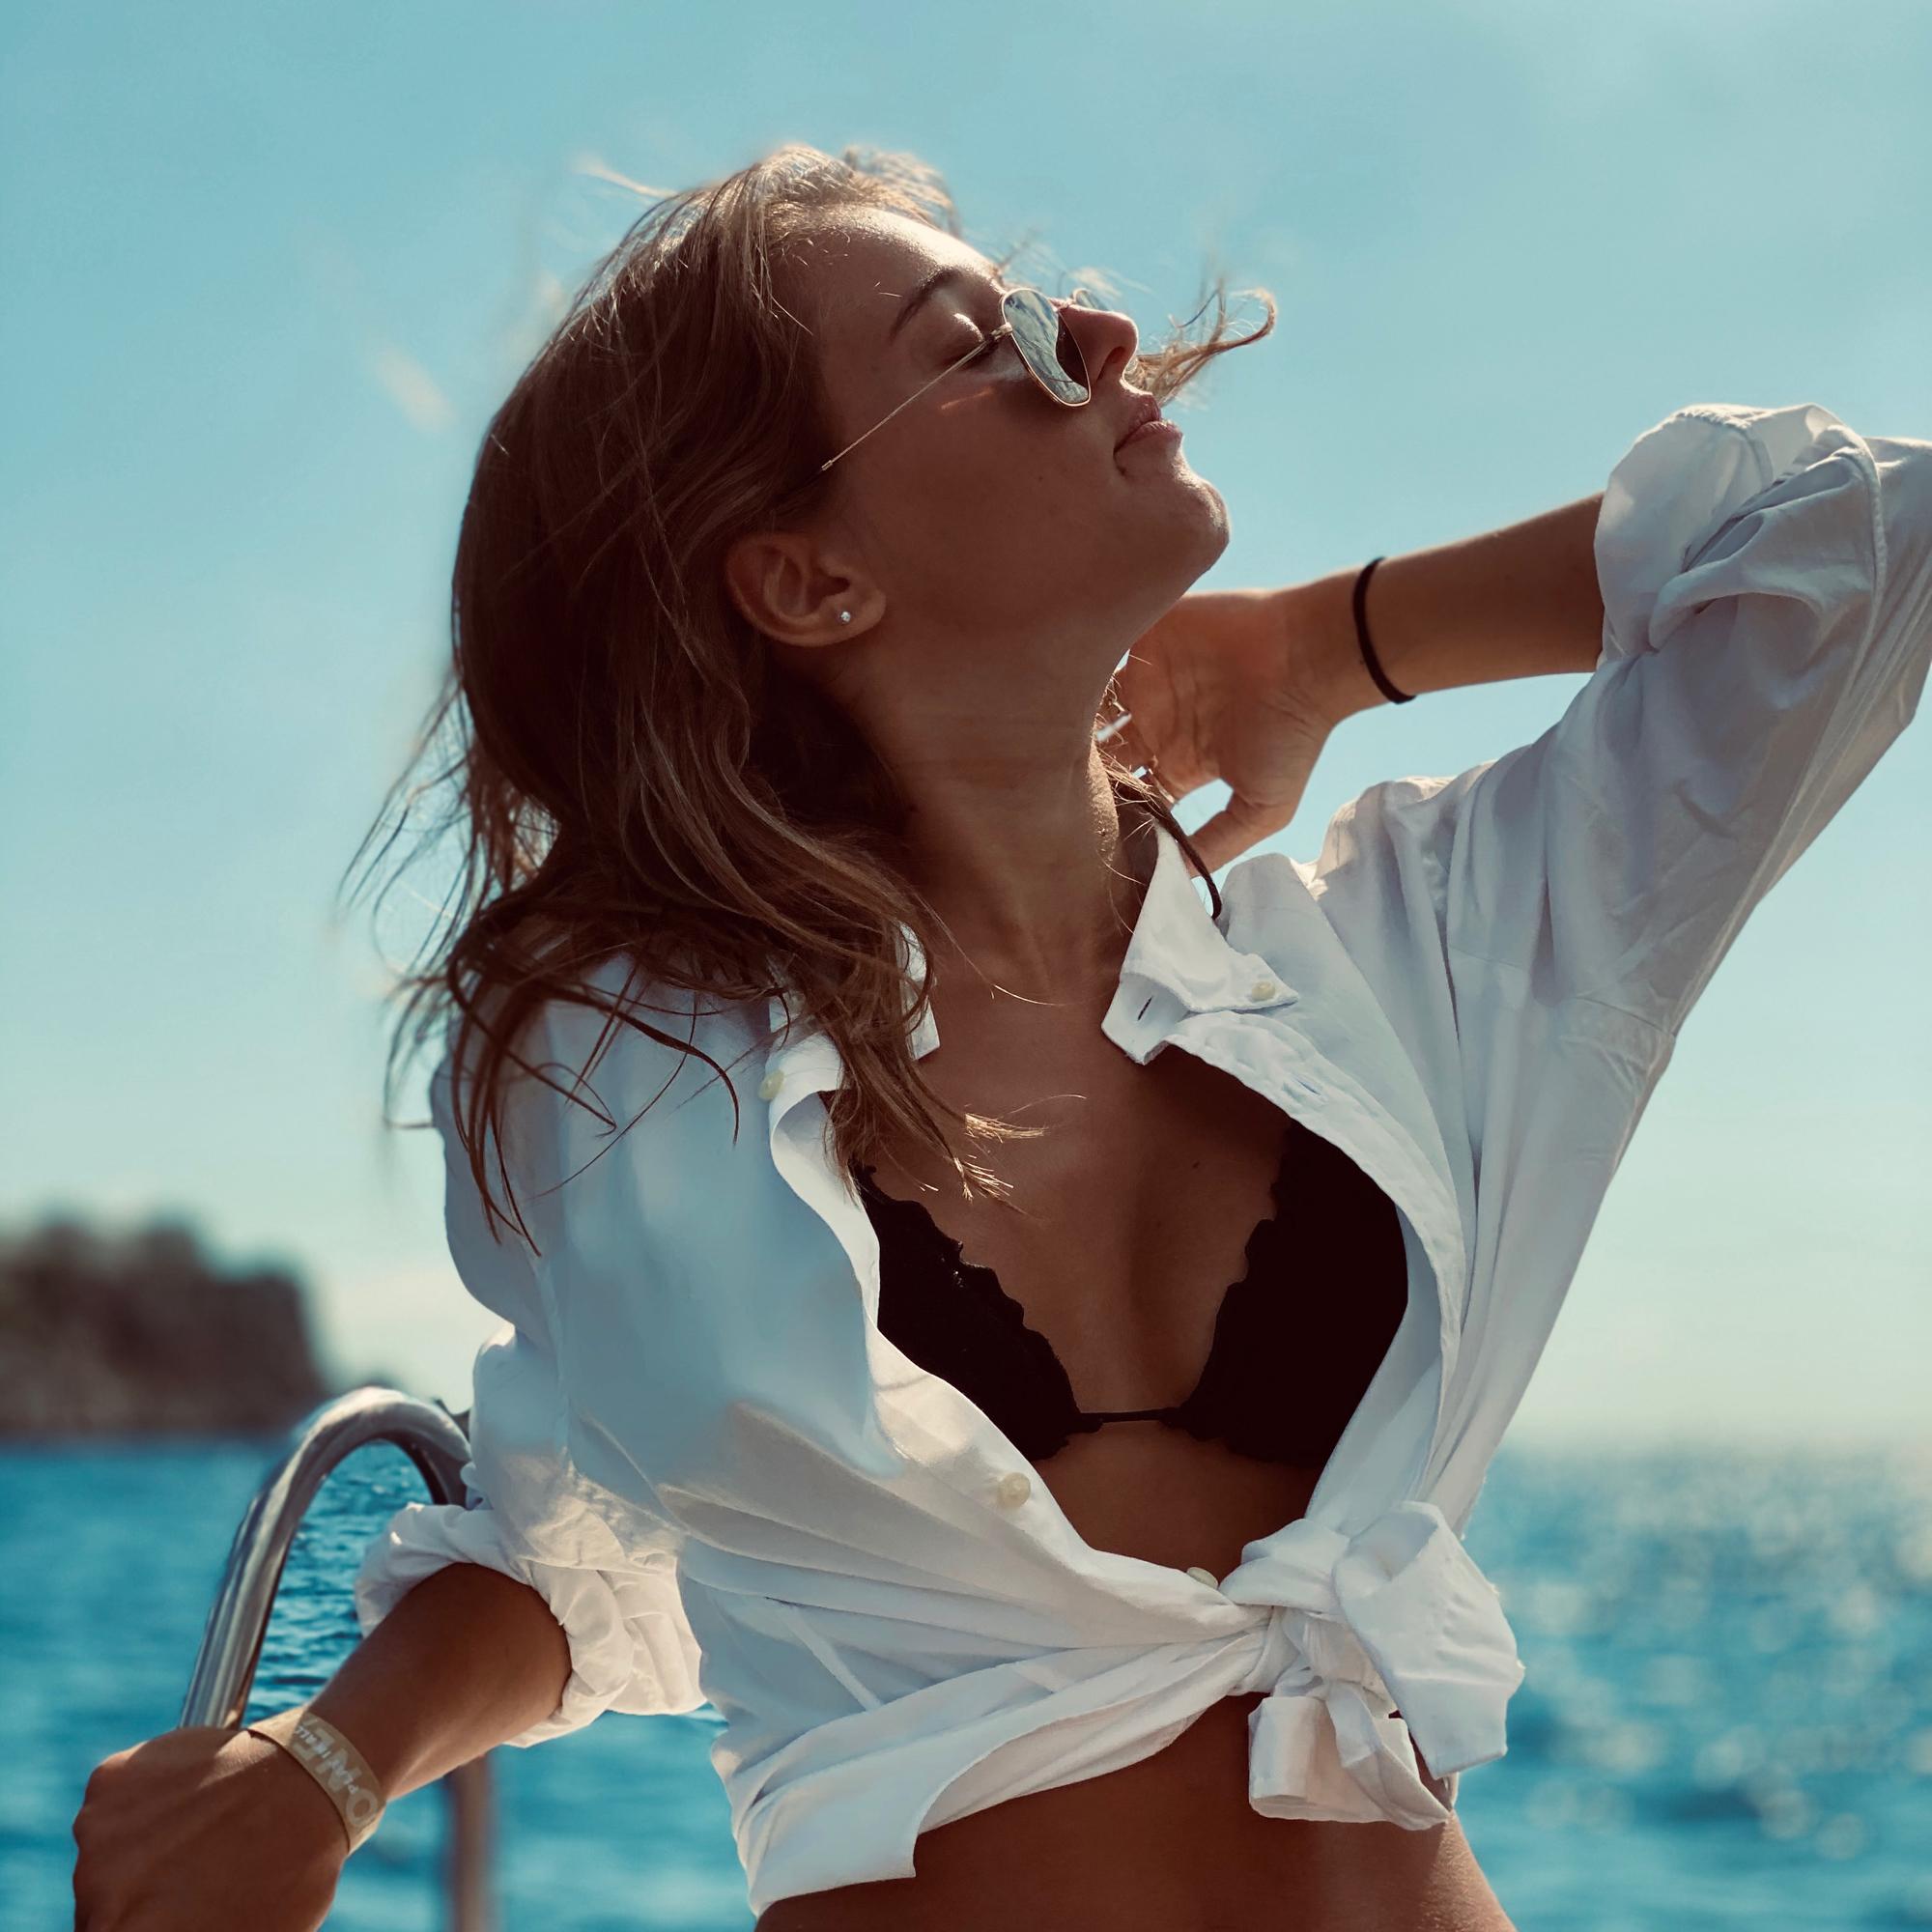 Image of Martina Roveda